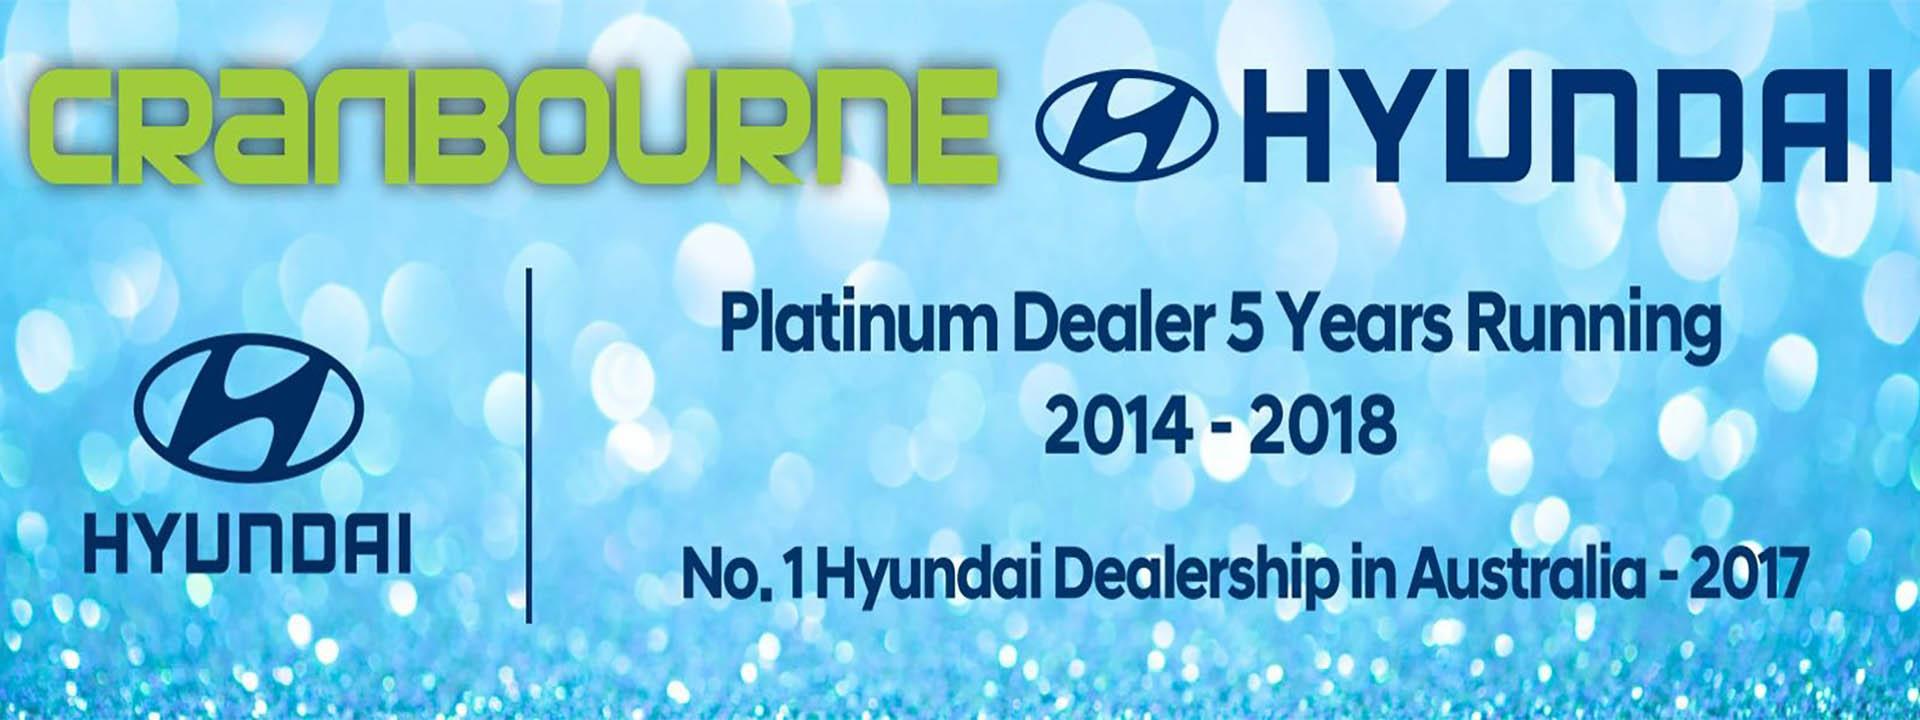 Cranbourne Hyundai Platinum Dealers